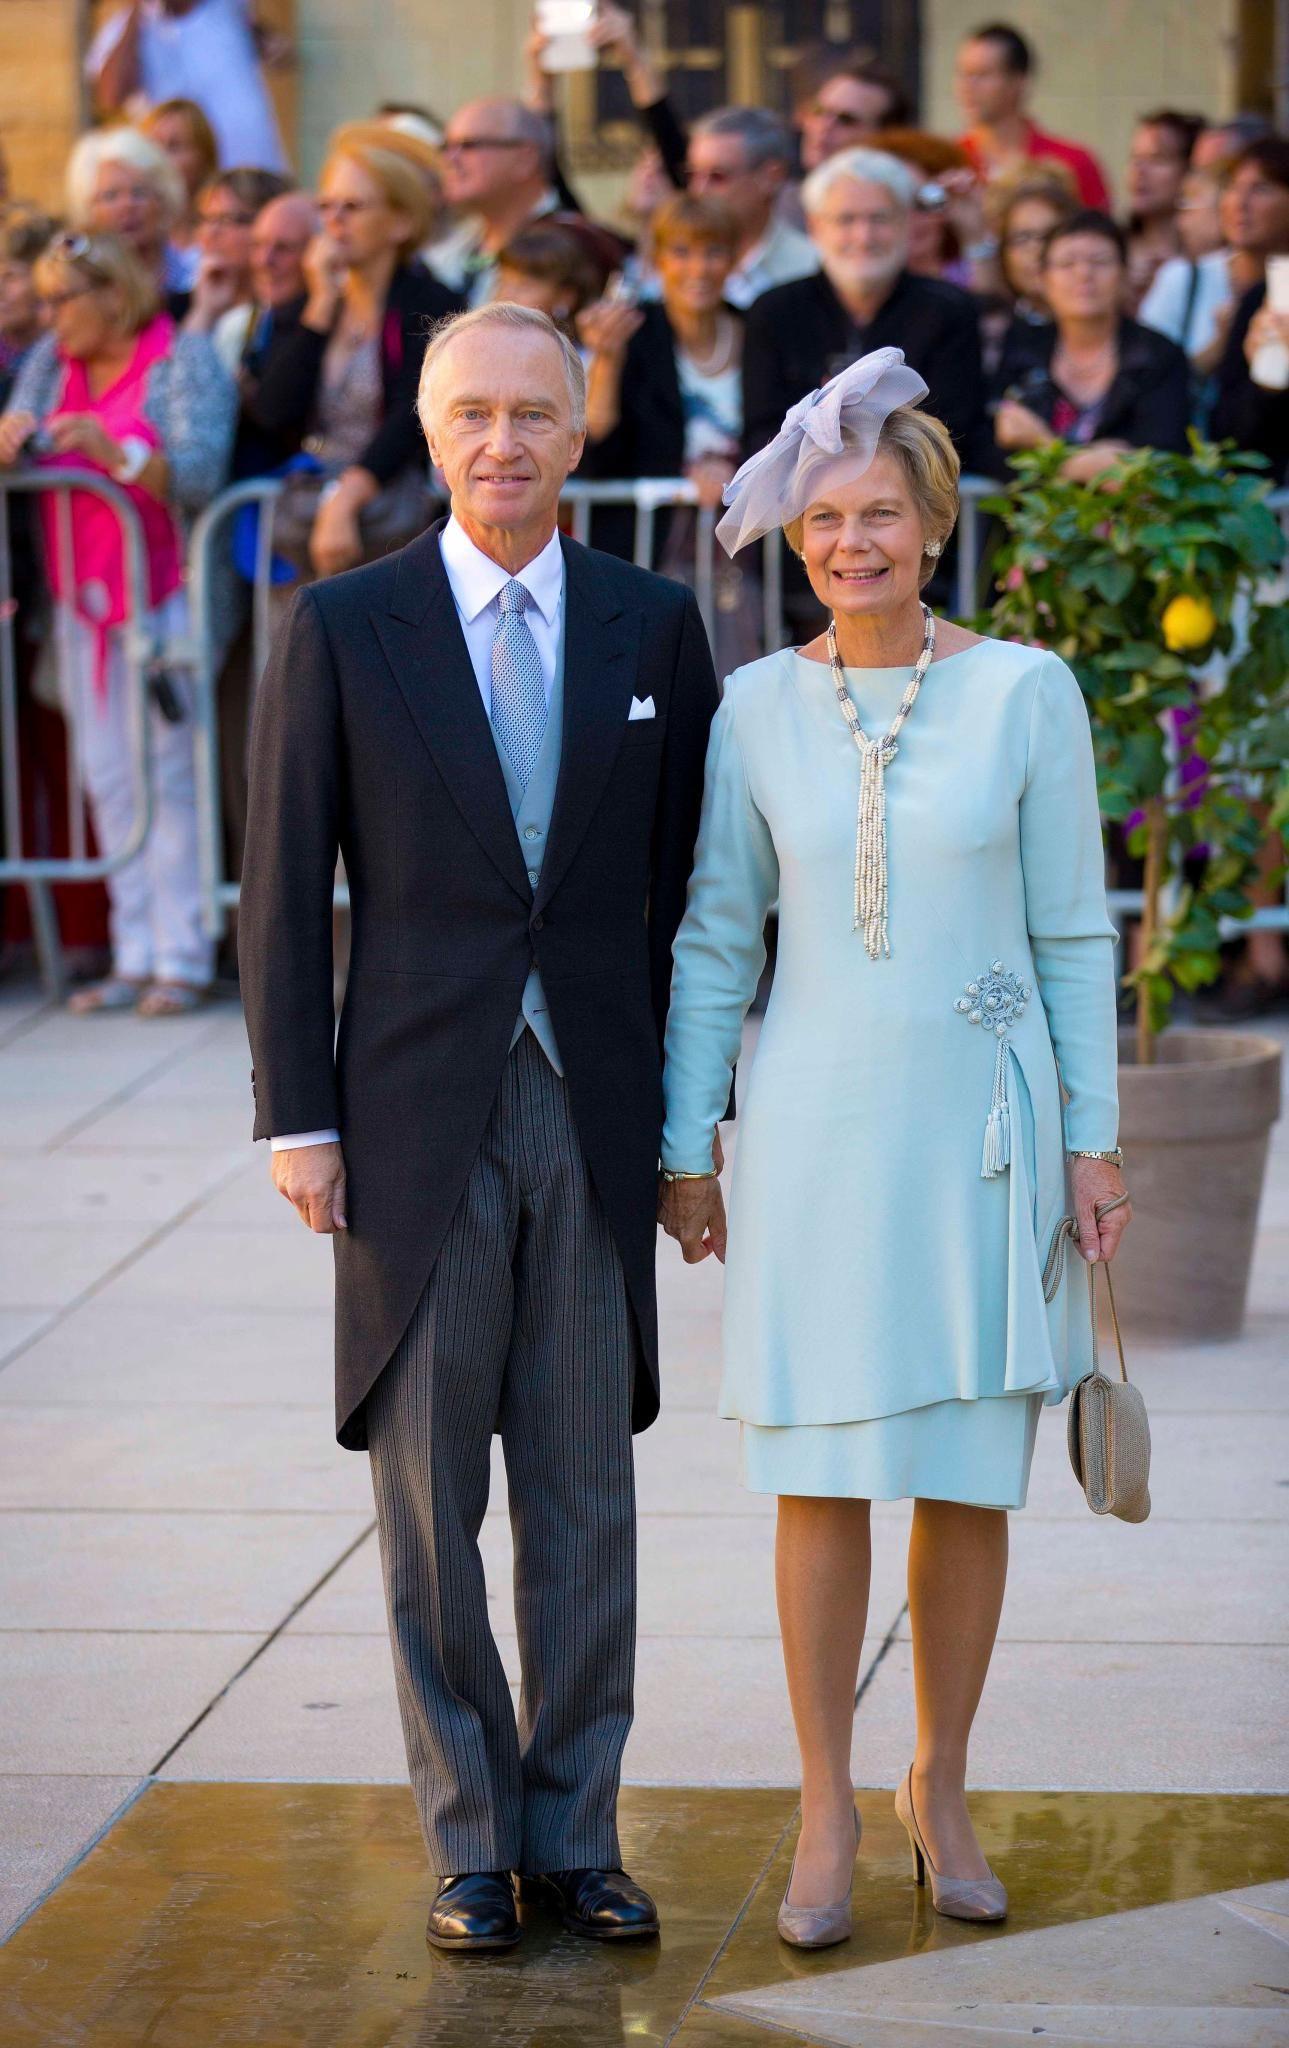 Hochzeit In Luxemburg: Oui, Sie Wollen | Luxemburg, Kleider